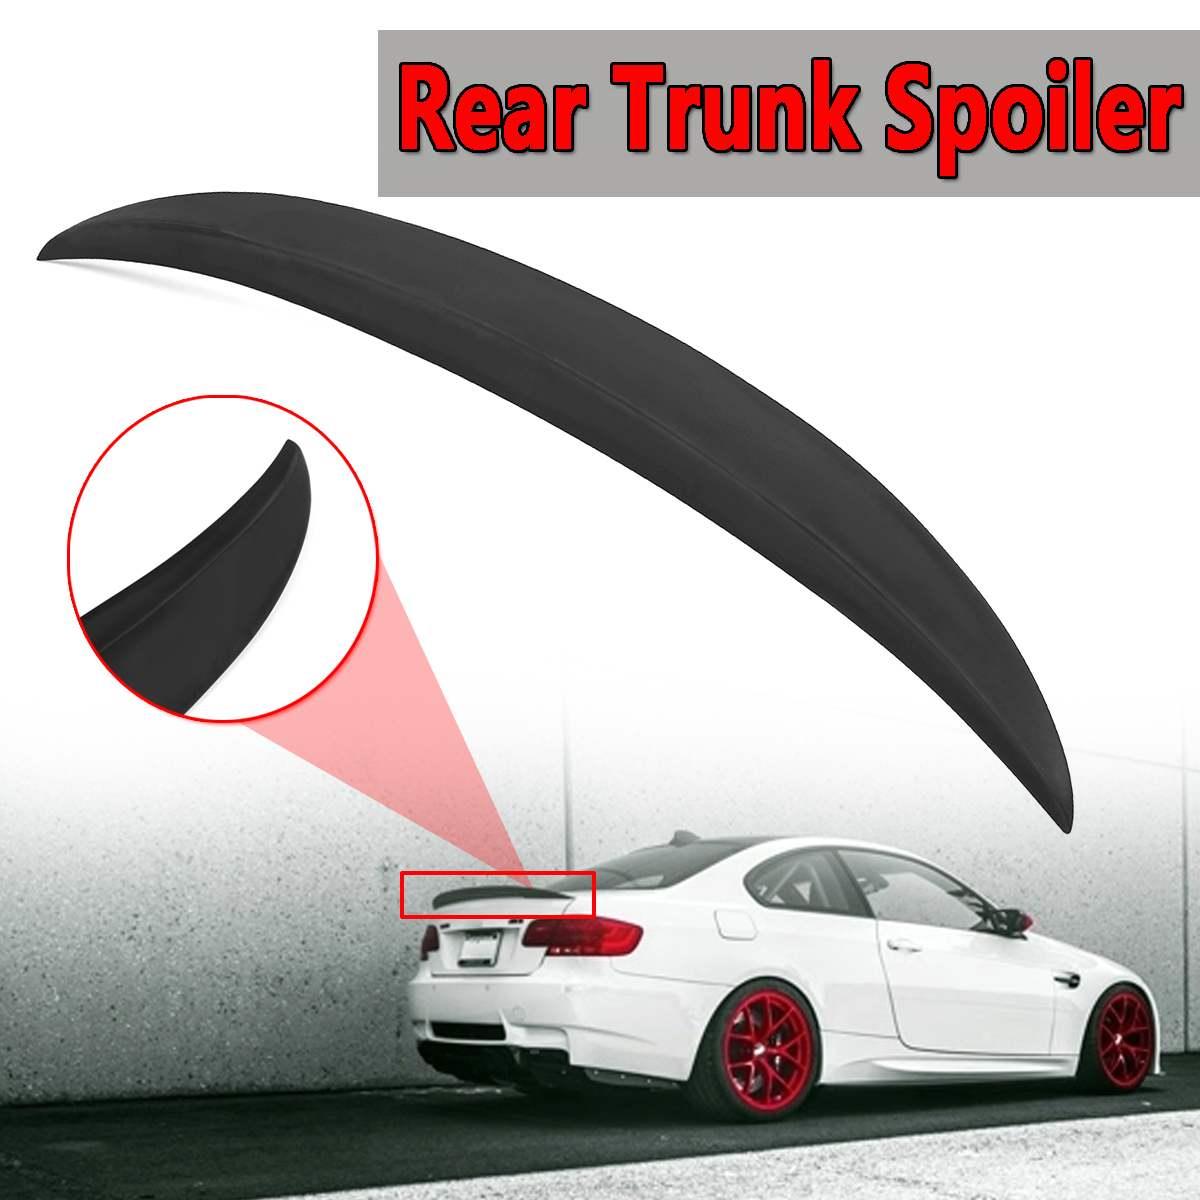 Couvercle de becquet de coffre arrière pour BMW série 3 E92 pour coupé 4Dr M Style de Performance en plastique ABS becquet de coffre arrière en Fiber de carbone véritable